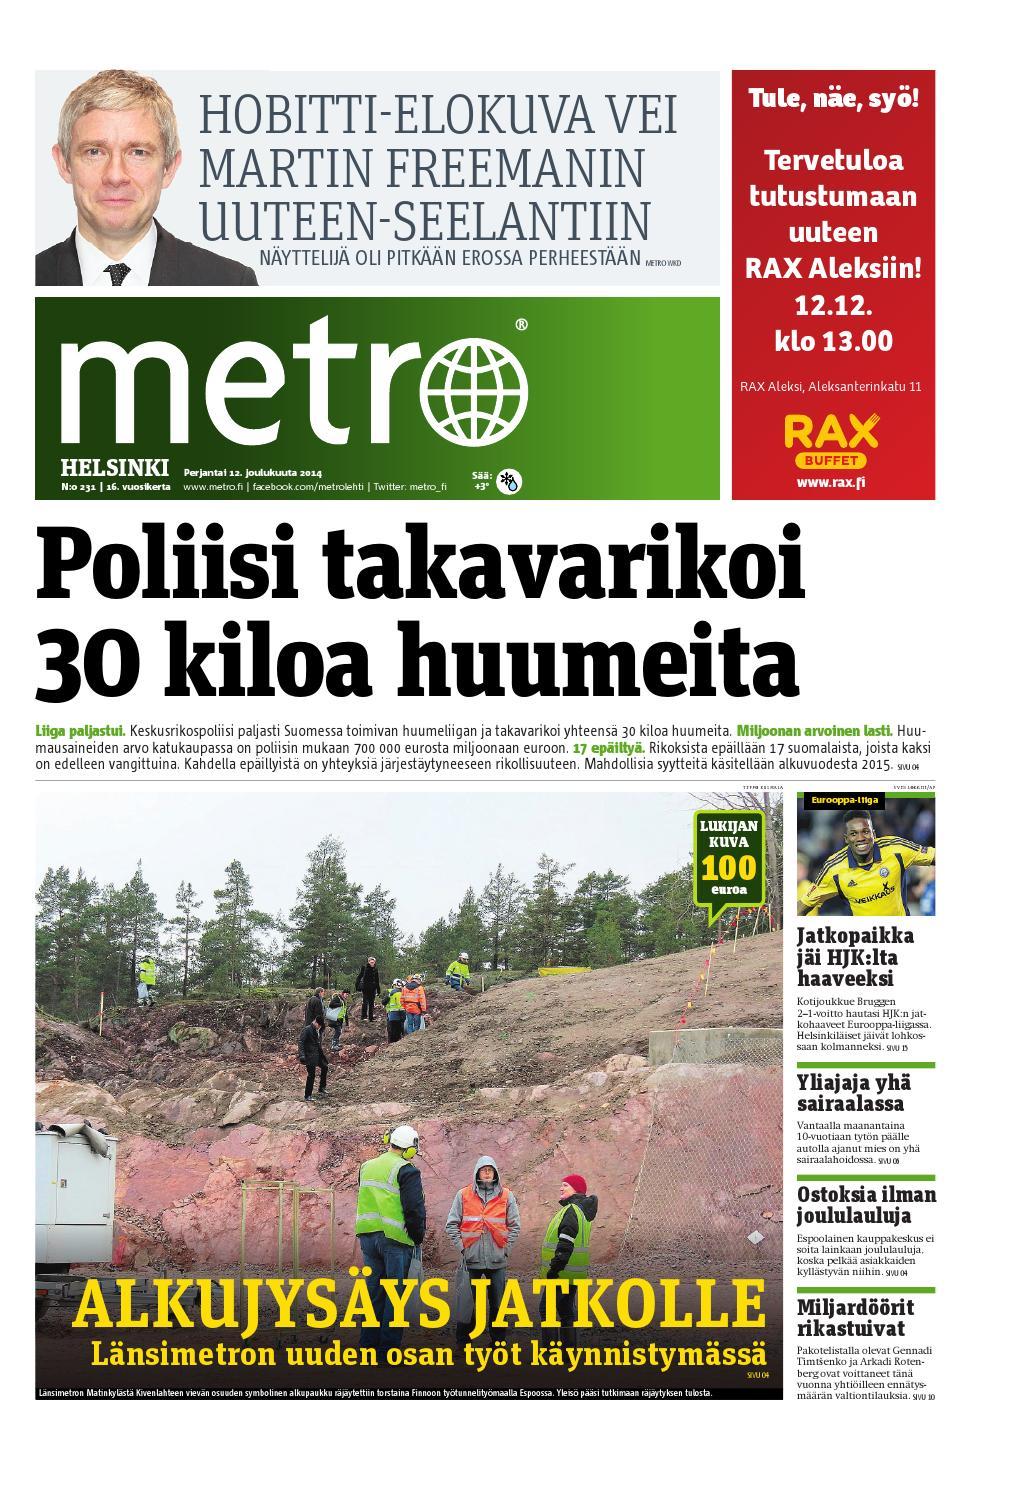 Kaarina Hazardin kirjoitus Image-lehdessä nostatti kohua syksyllä, kun Suomen Konttori-sarjan roolivalinnoista kerrottiin.